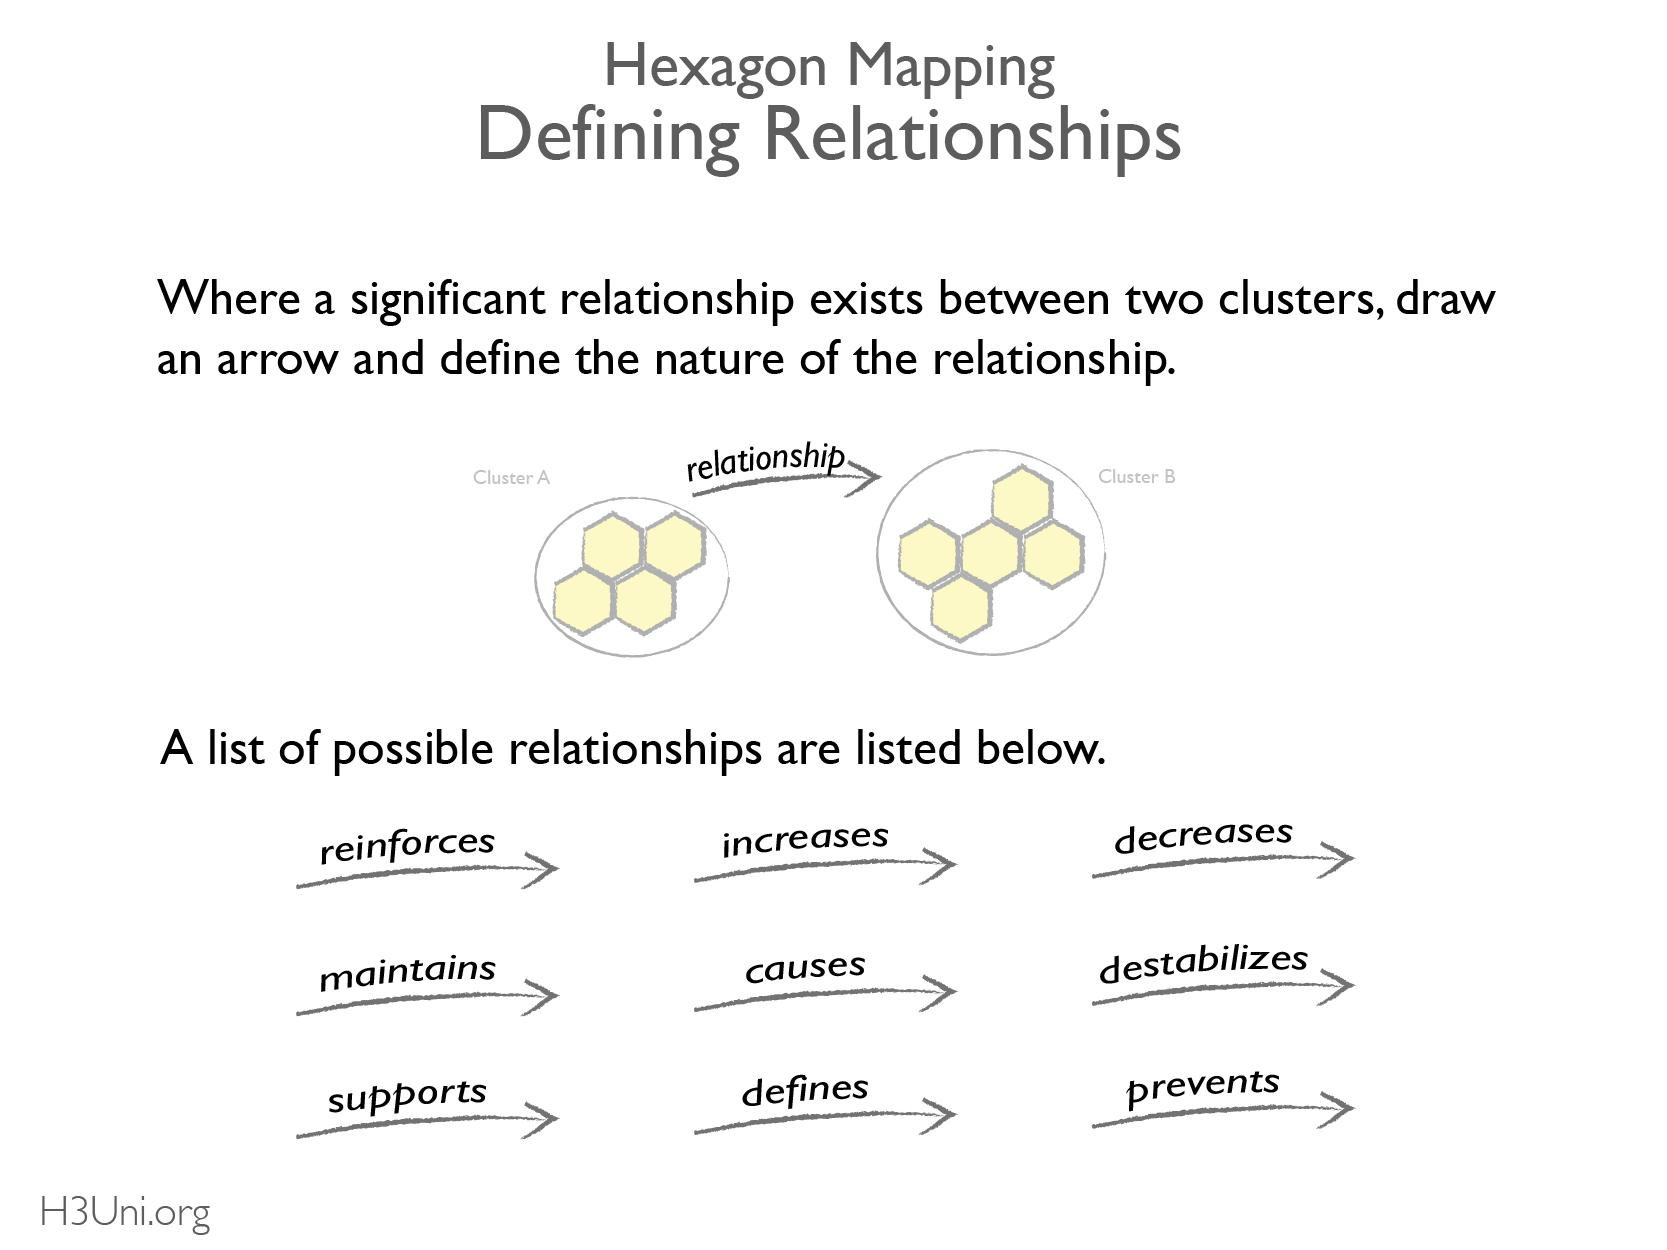 Define relationships